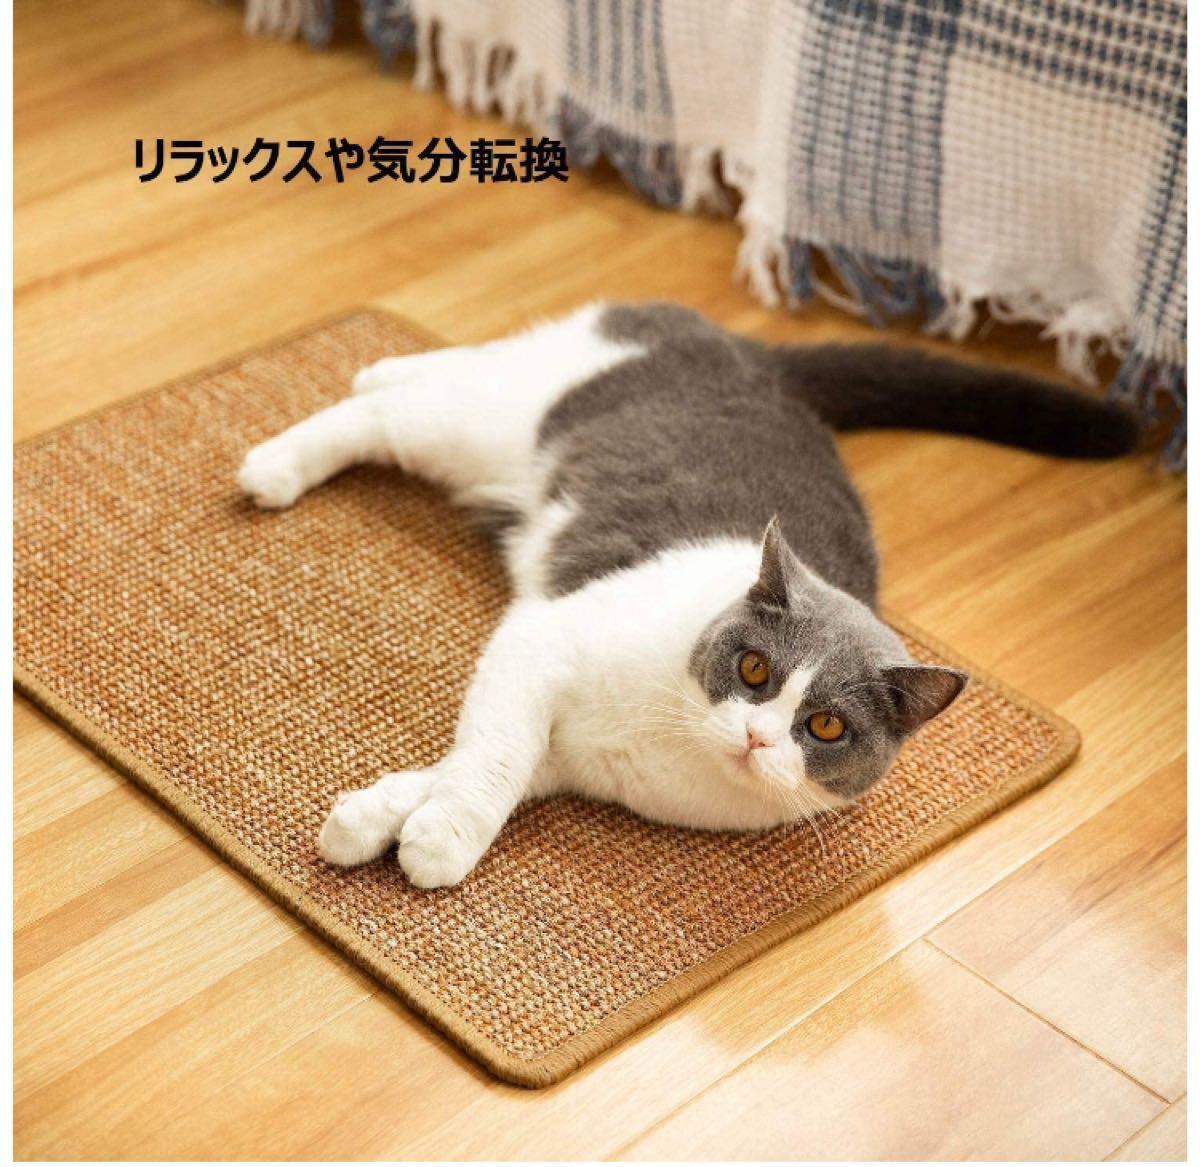 猫 爪とぎ 猫用 麻 横置き型 (40*60cm, ライトブラウン)